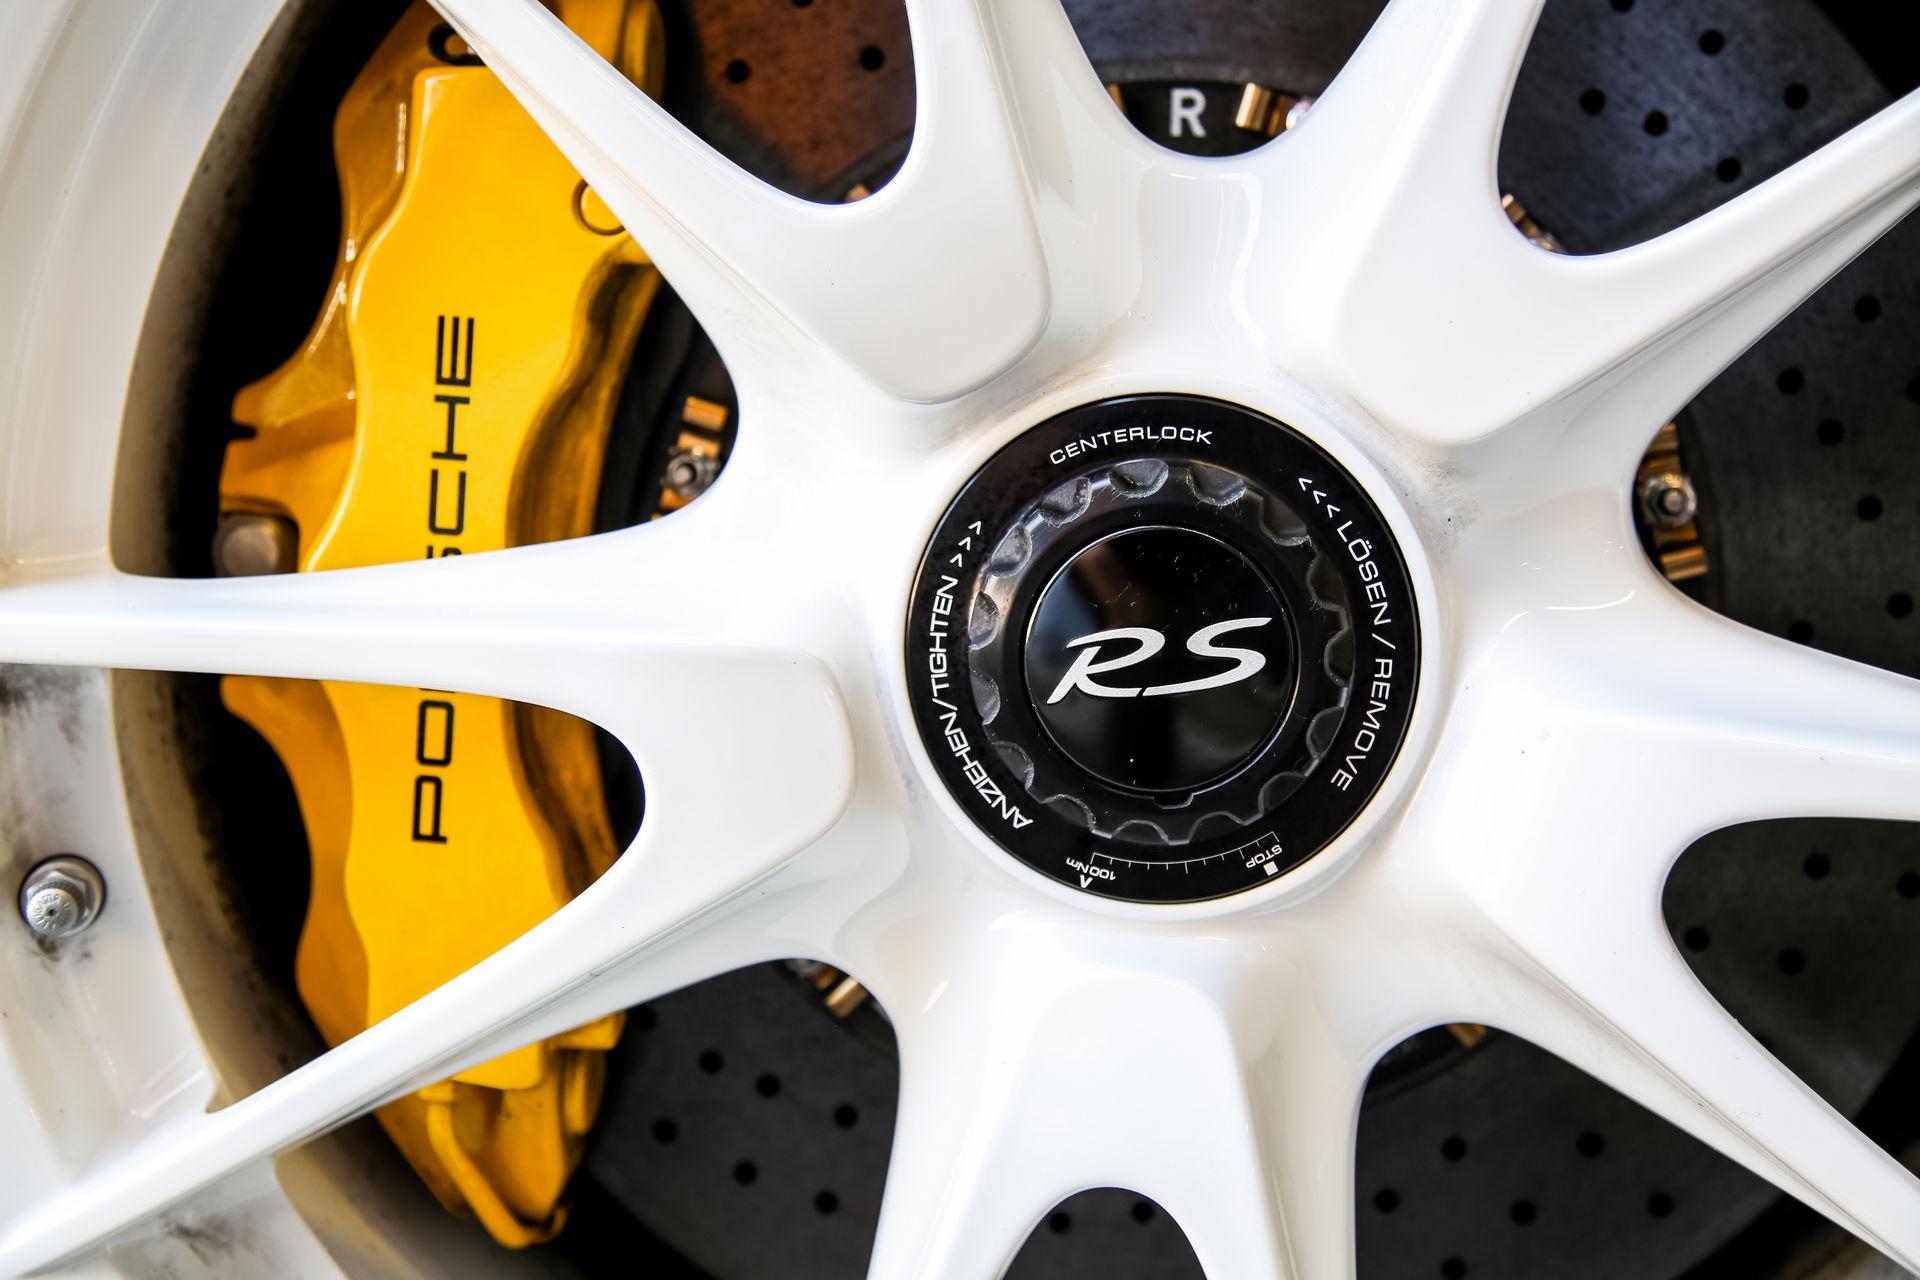 Ngam nhin Porsche 911 GT3 RS 4.0 2011 phien ban gioi han dac biet anh 20